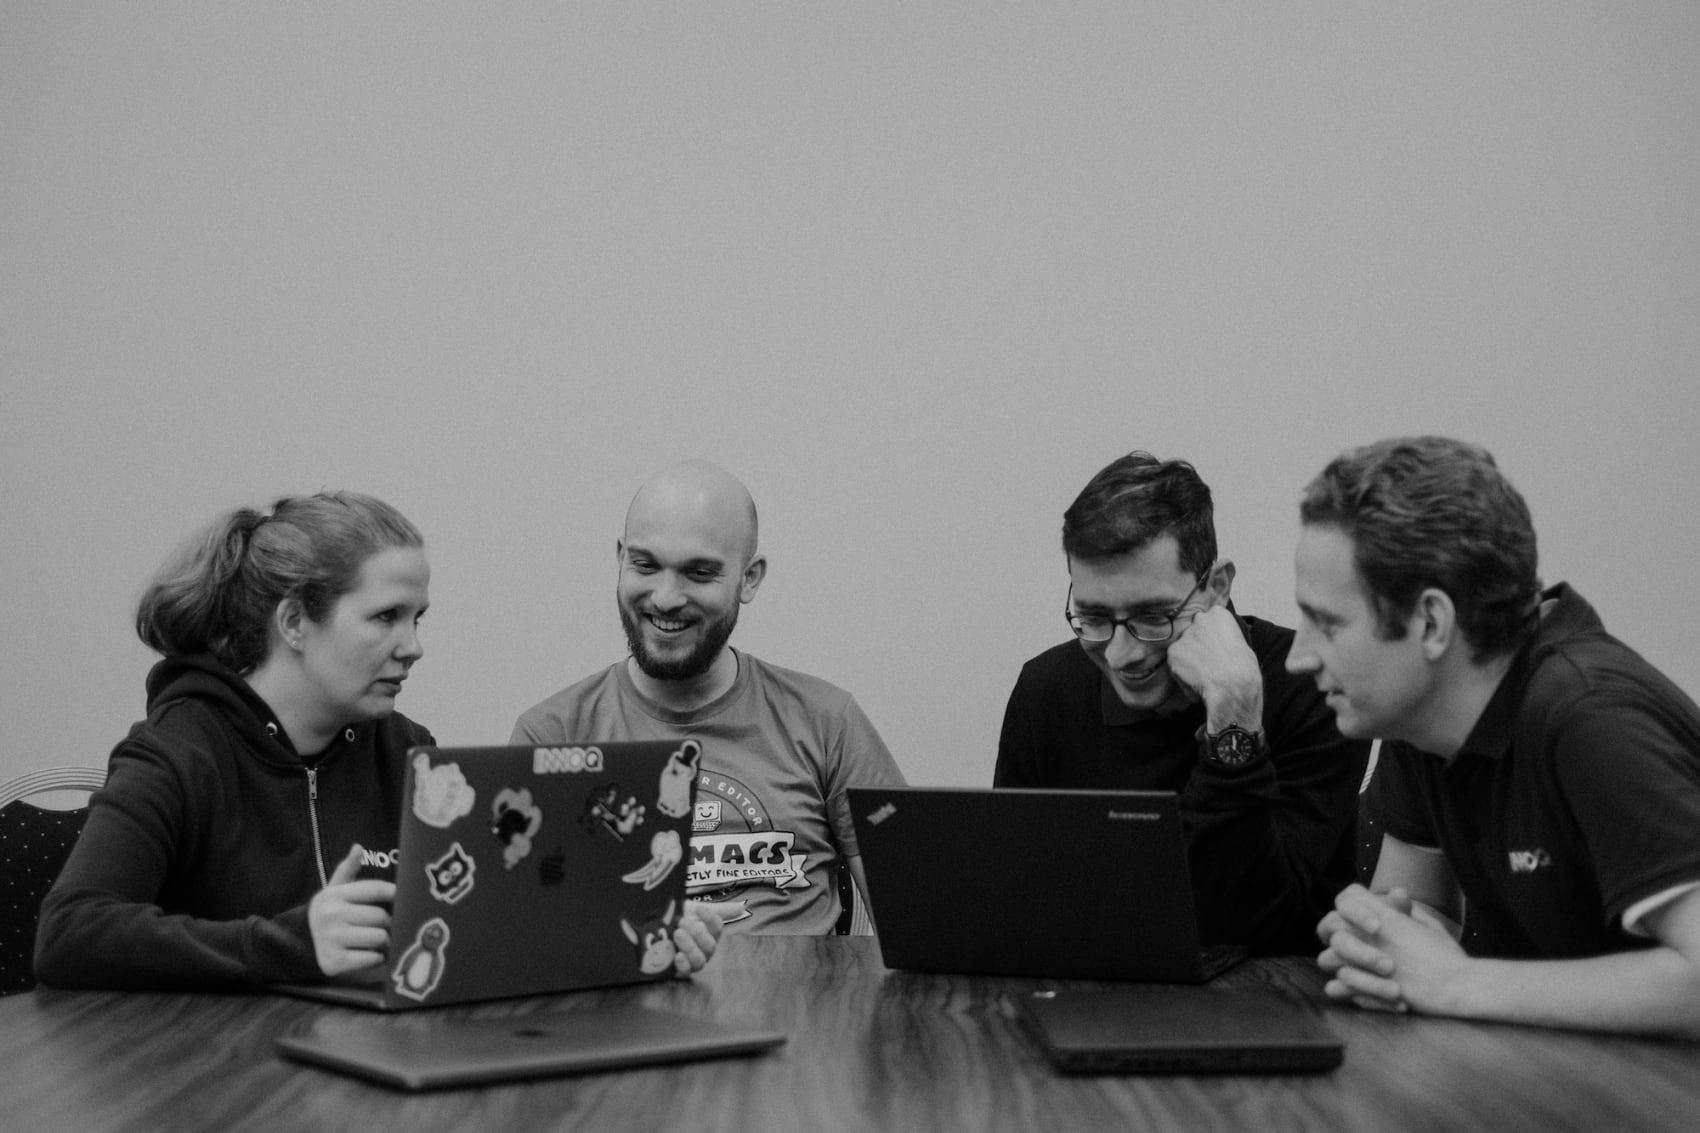 Vier Menschen, die zusammen bei der Arbeit an einem Tisch sitzen und an Notebooks arbeiten, darunter Lisa Maria Moritz und Lucas Dohmen, beide Consultants bei INNOQ und Trainer:innen des JavaScript Trainings.